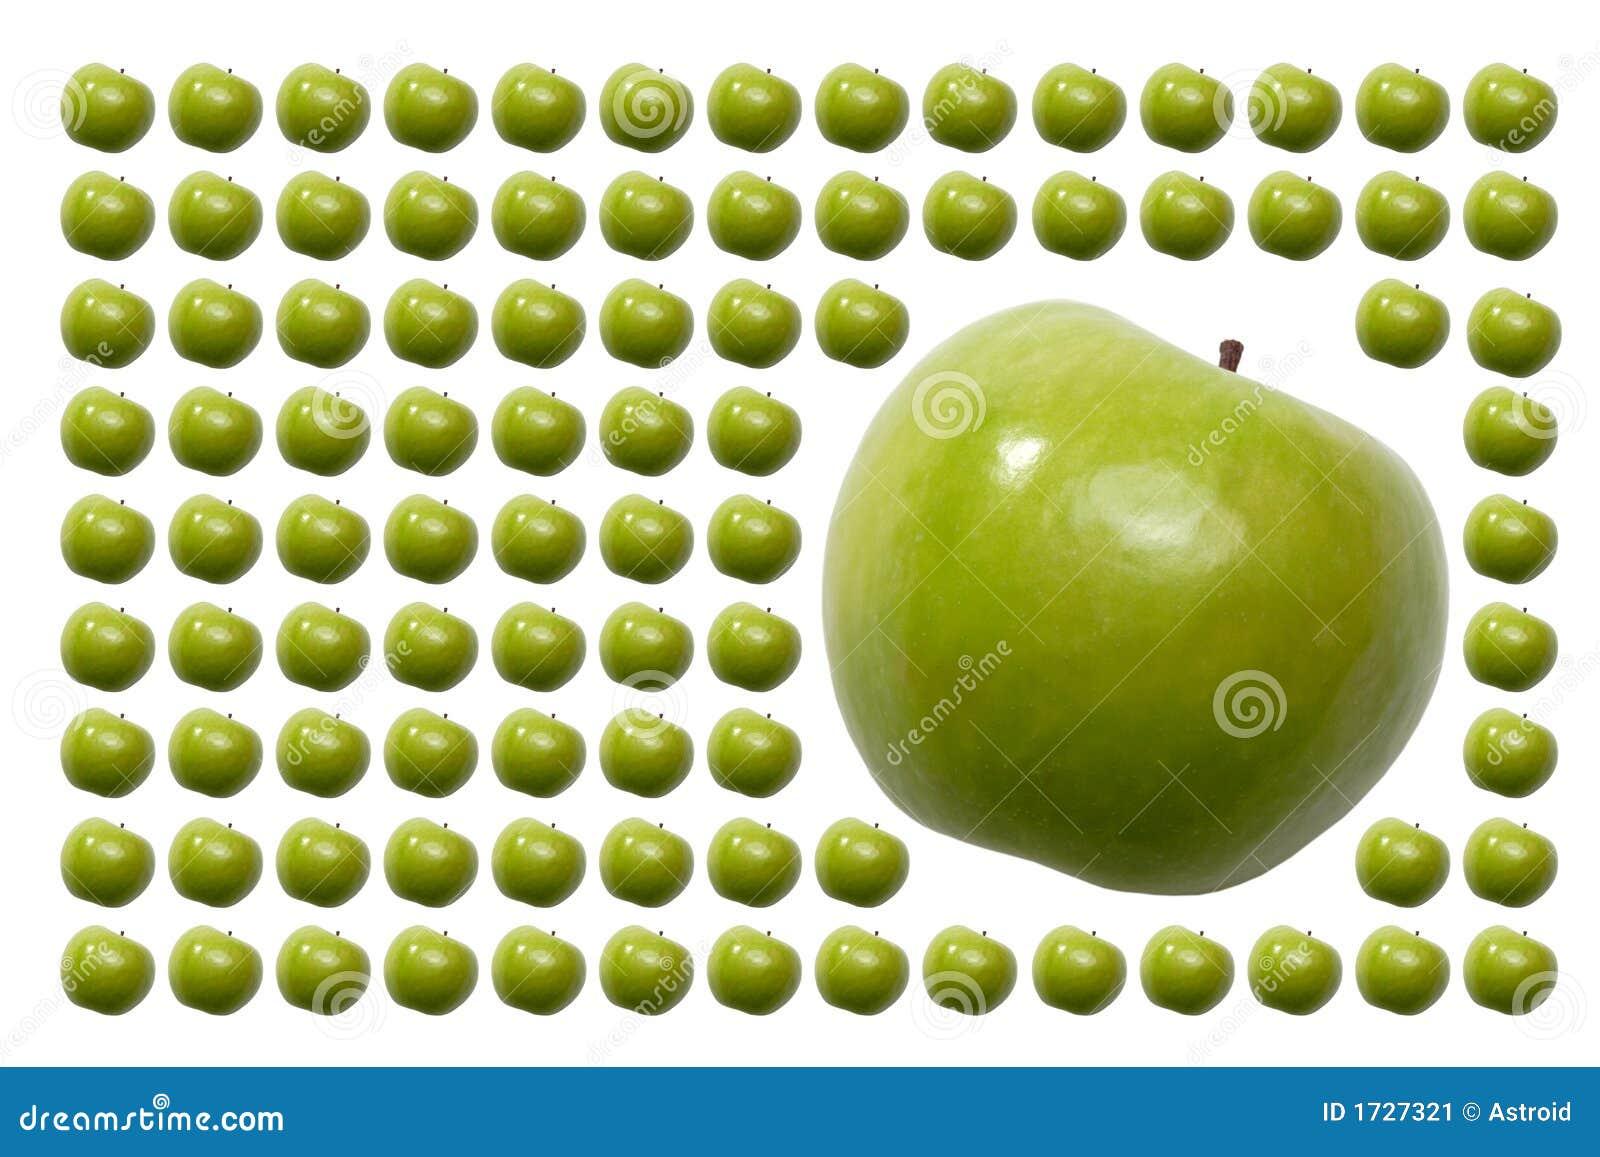 苹果食物结果实绿色尾标